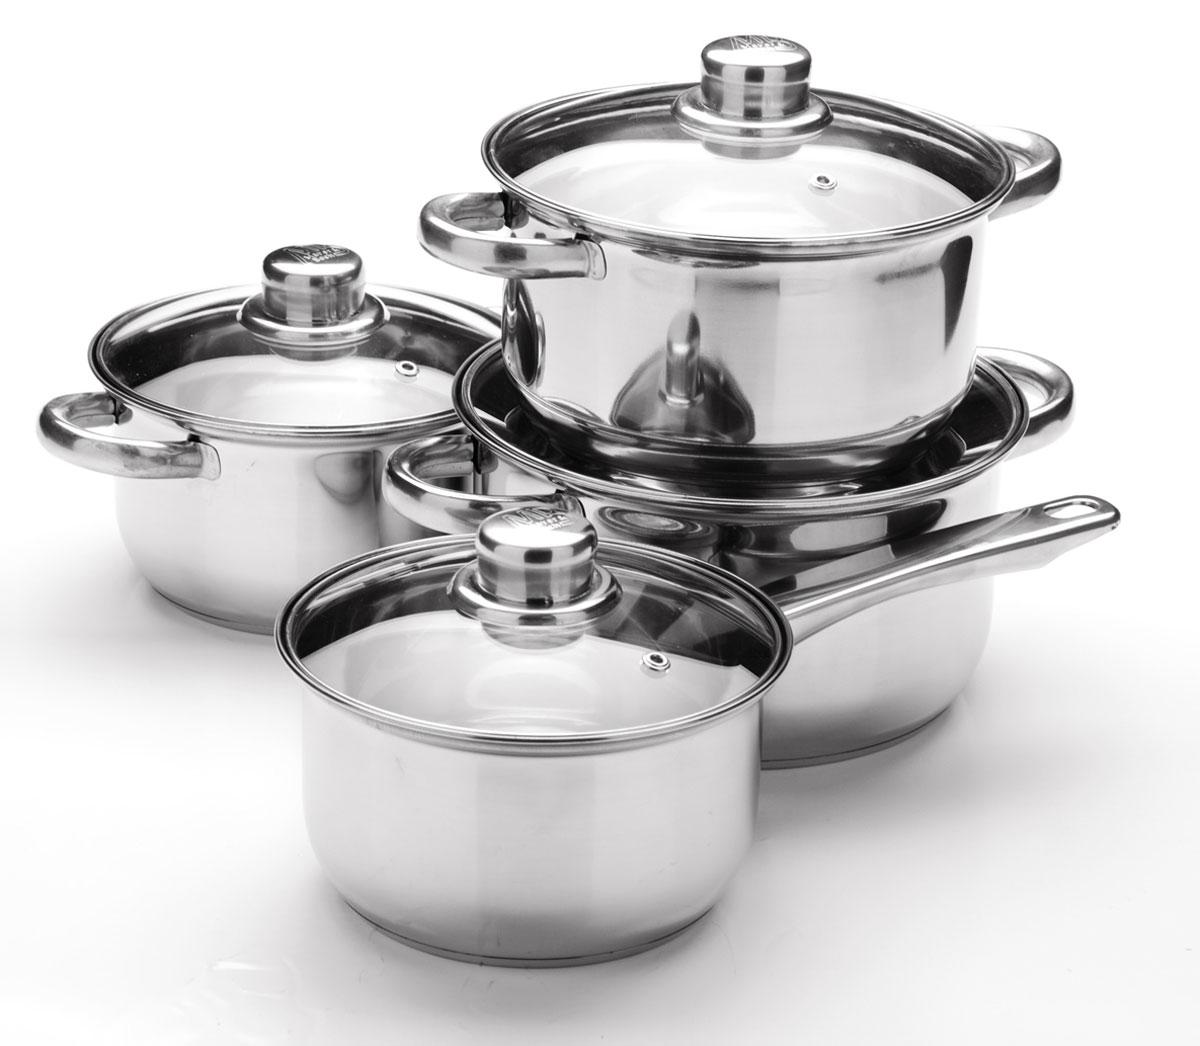 Набор посуды Mayer & Boch, 8 предметов. 25755 качурина т приготовление блюд из рыбы учебное пособие